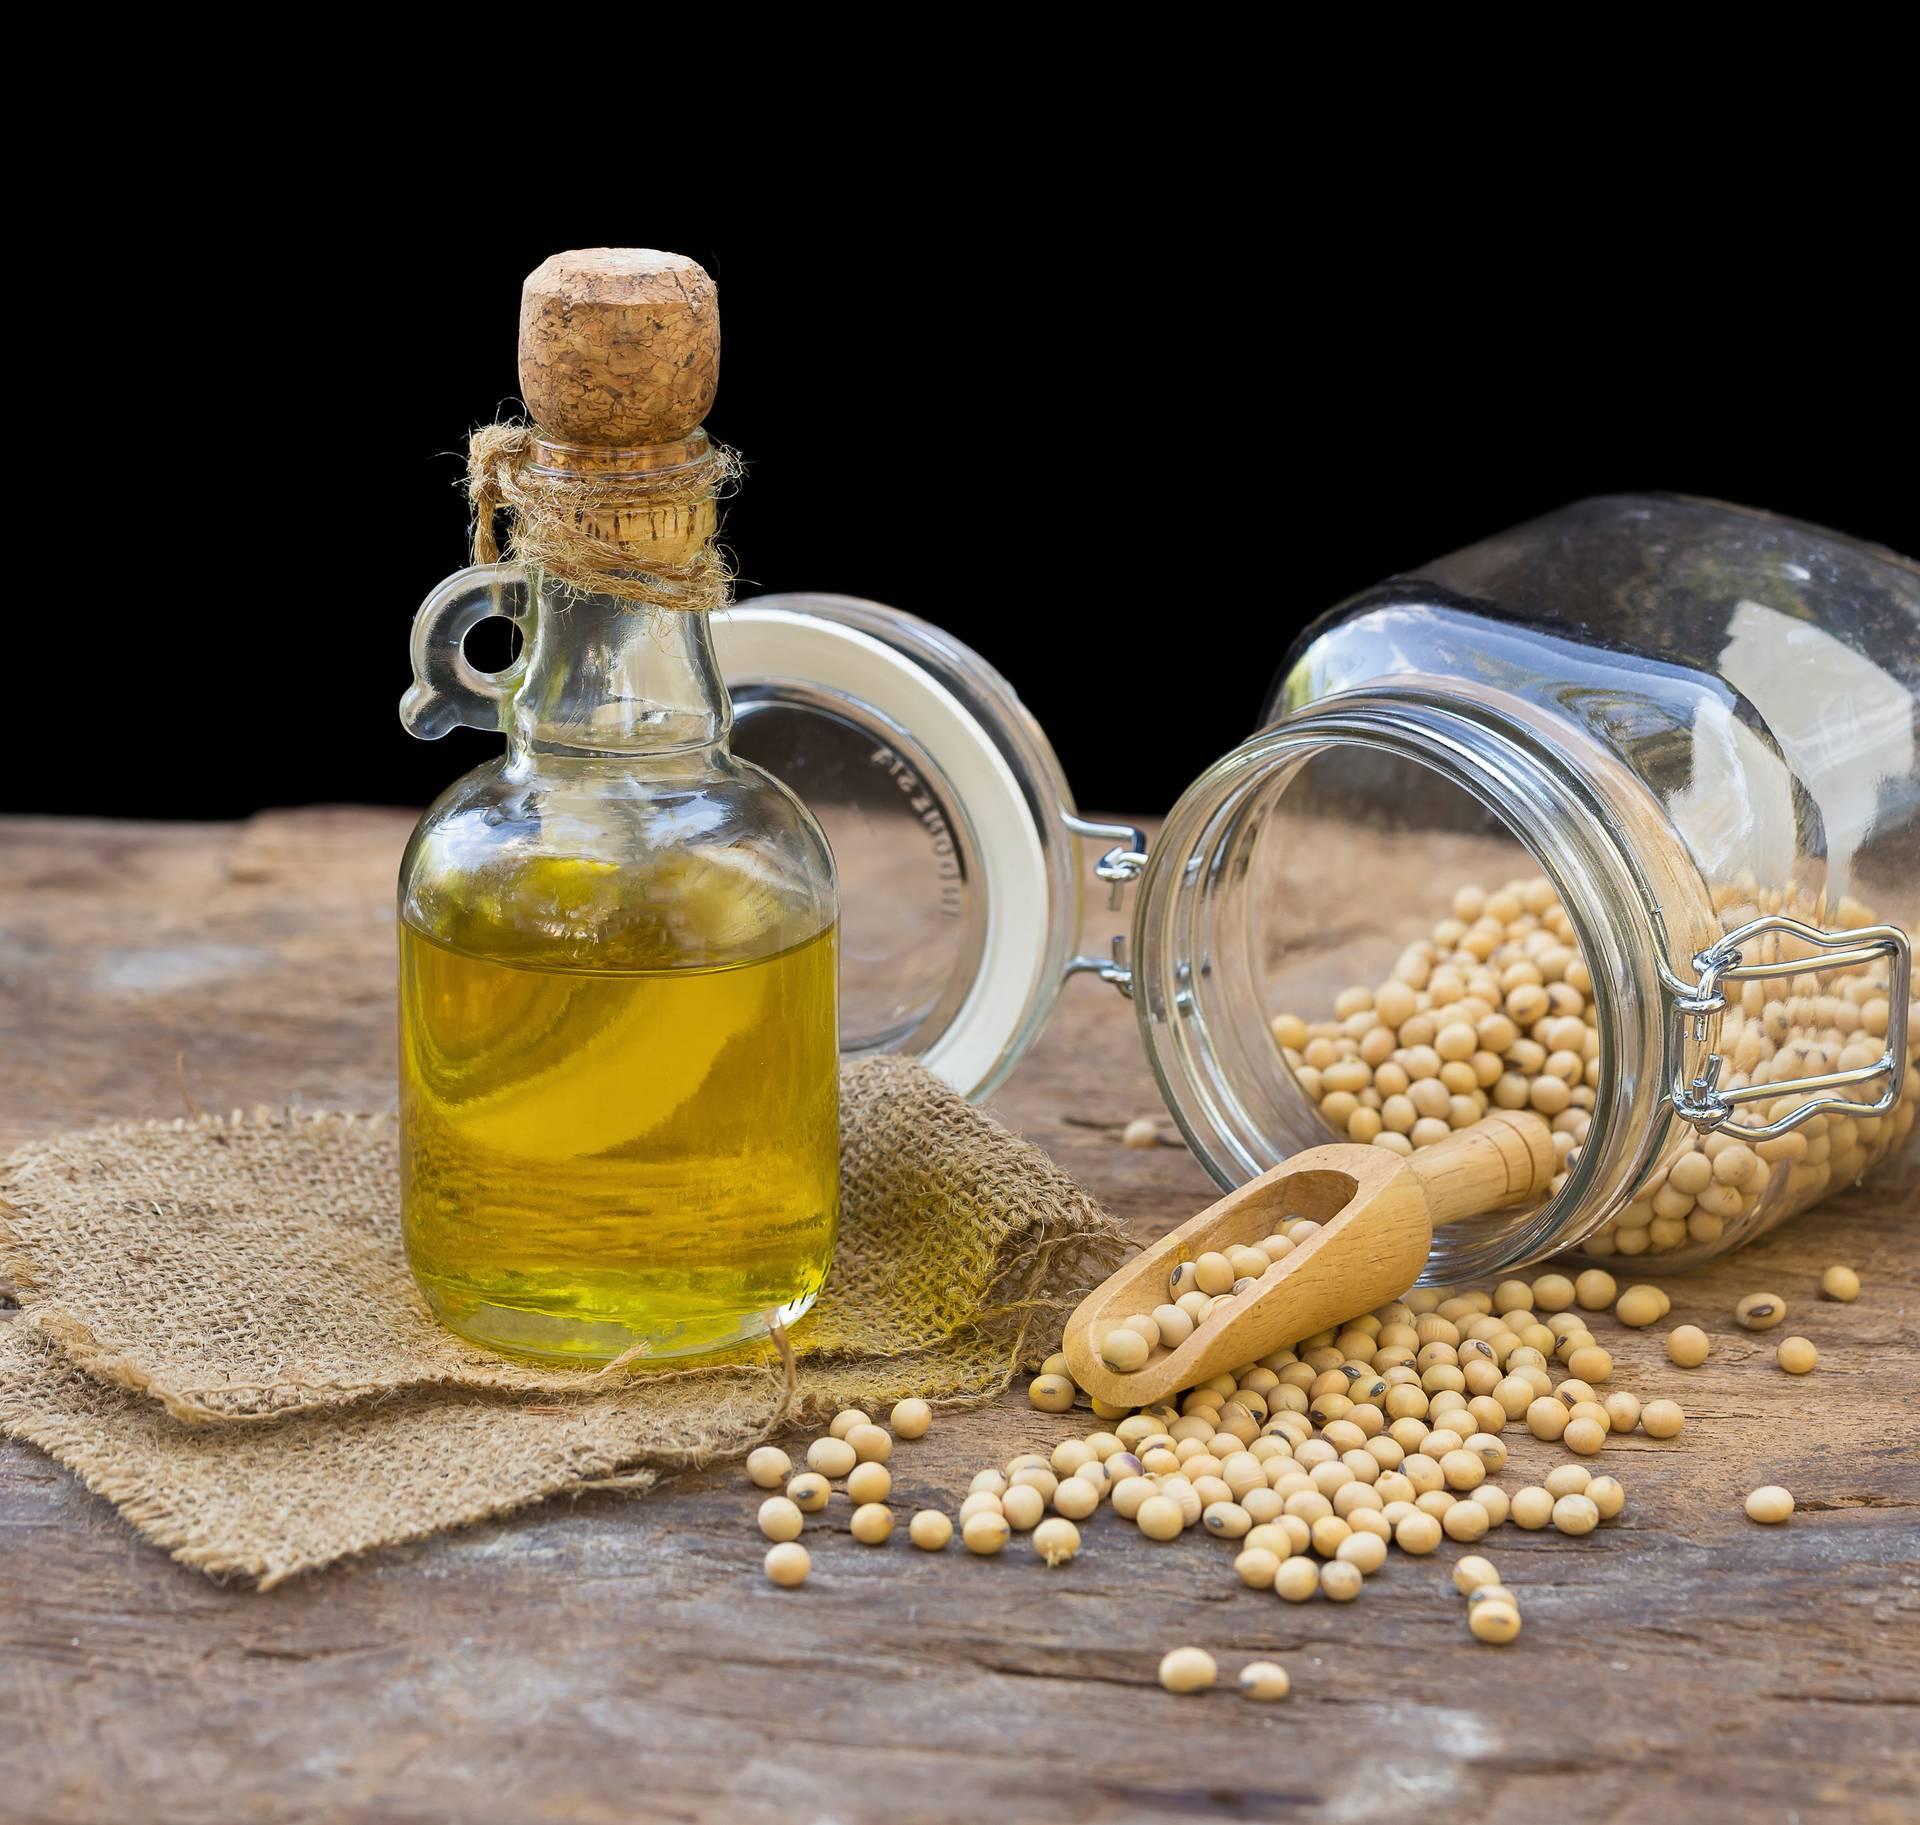 Popularno ulje za prženje može dovesti do depresije i autizma